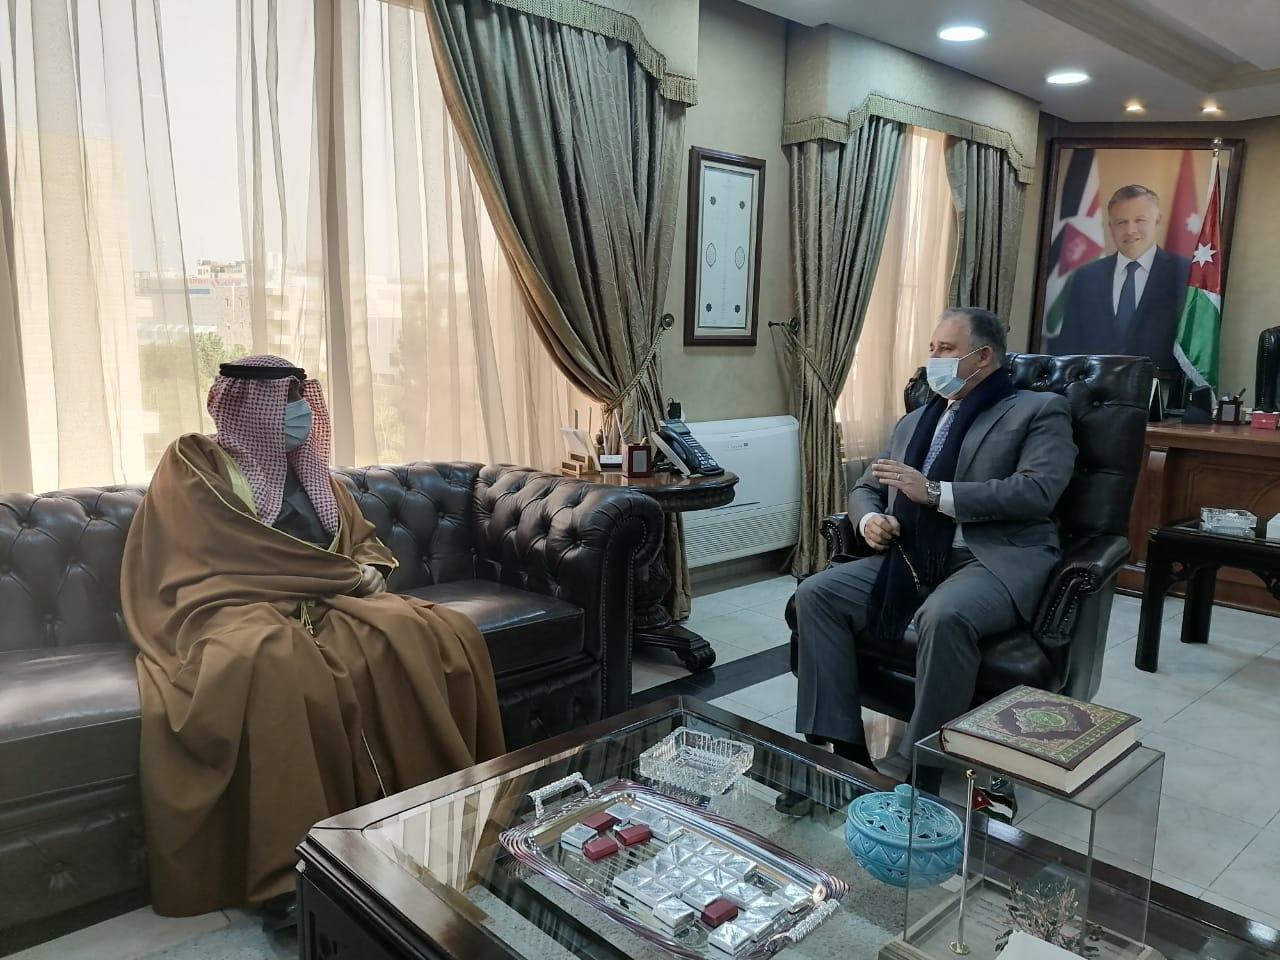 السفير الكويتي يؤكد اعتزاز بلاده بالعلاقات الراسخة مع الأردن